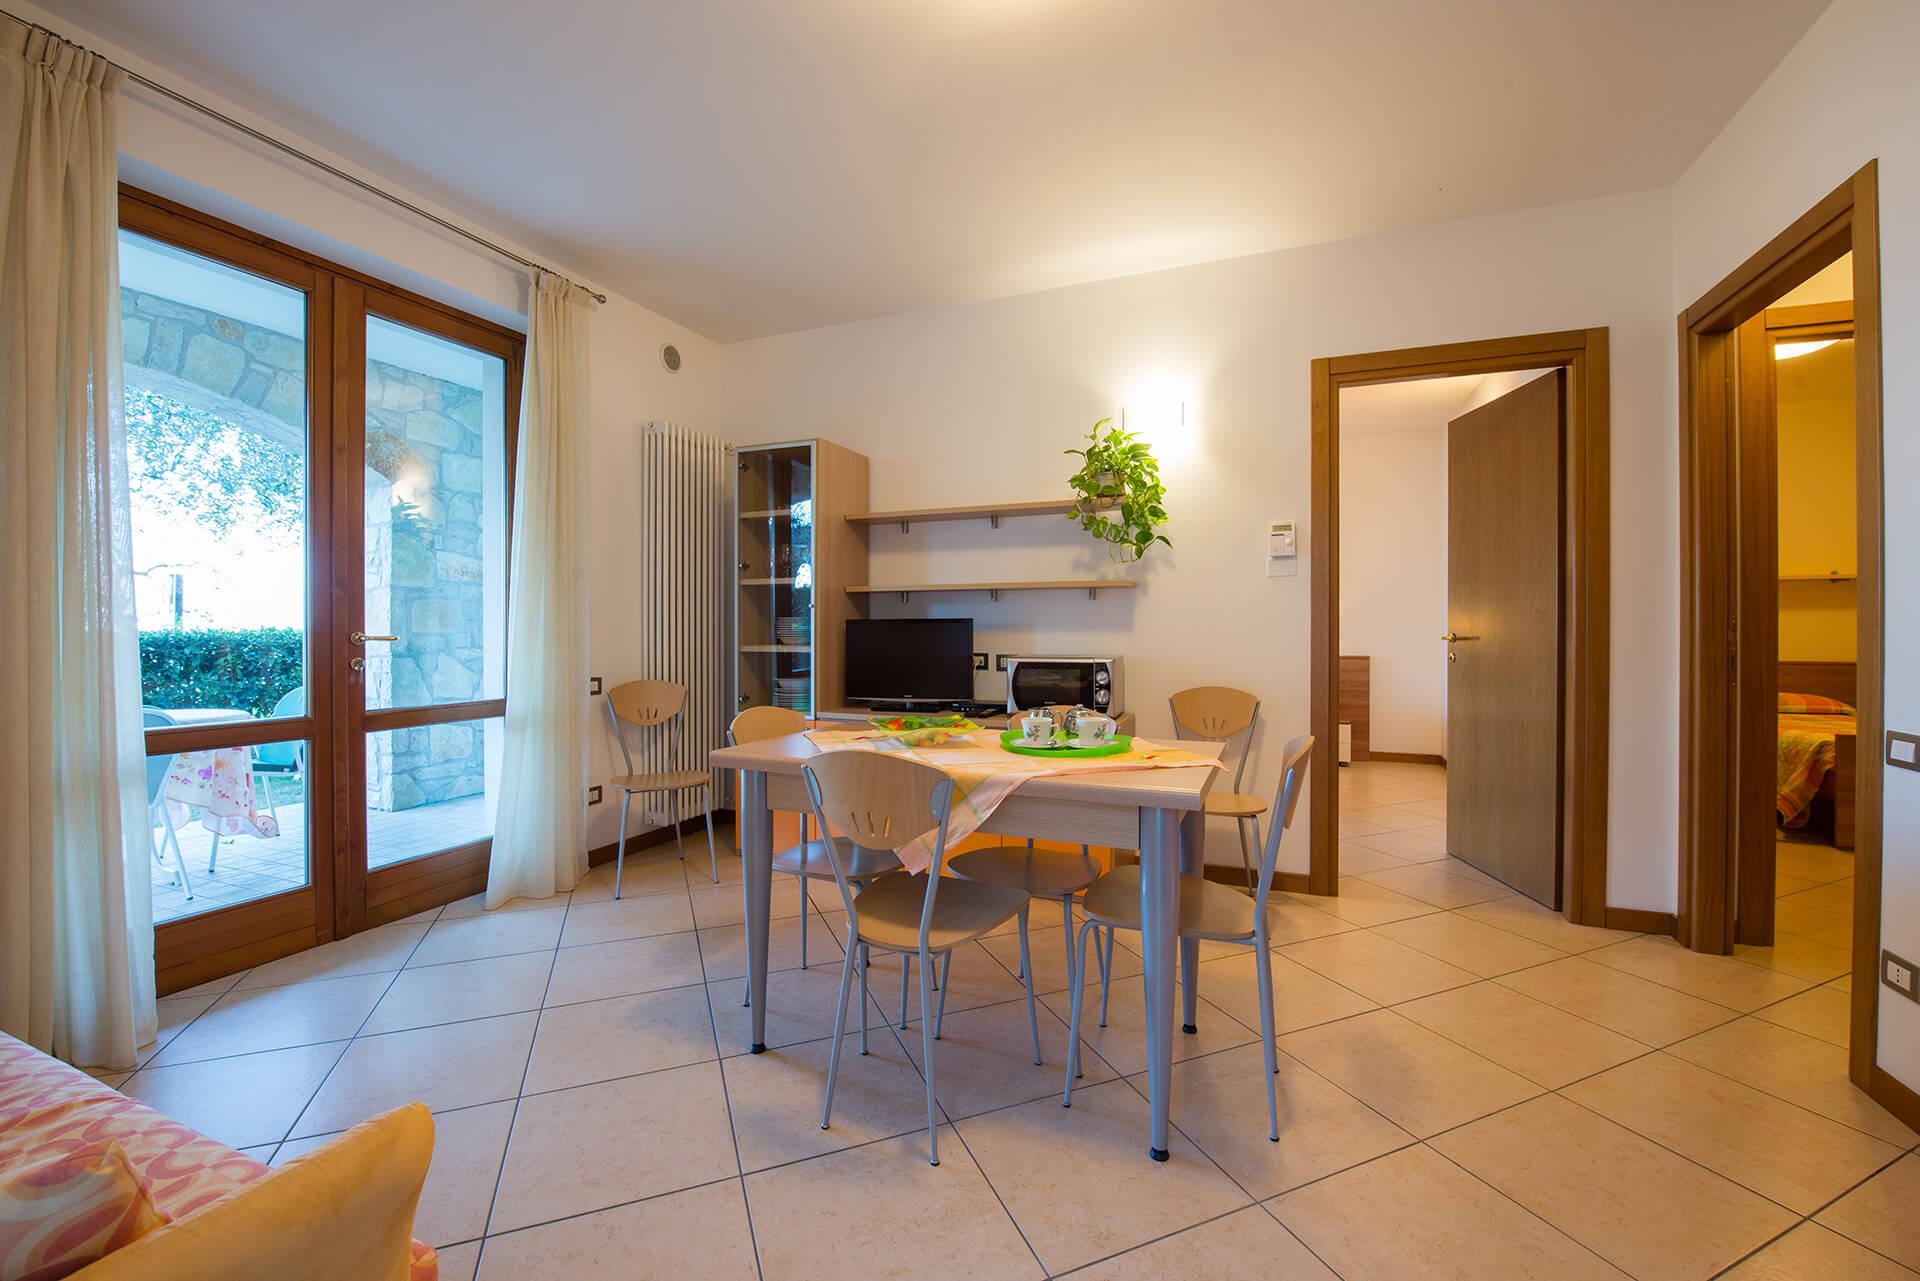 appartamento-a-canevini-camera-9